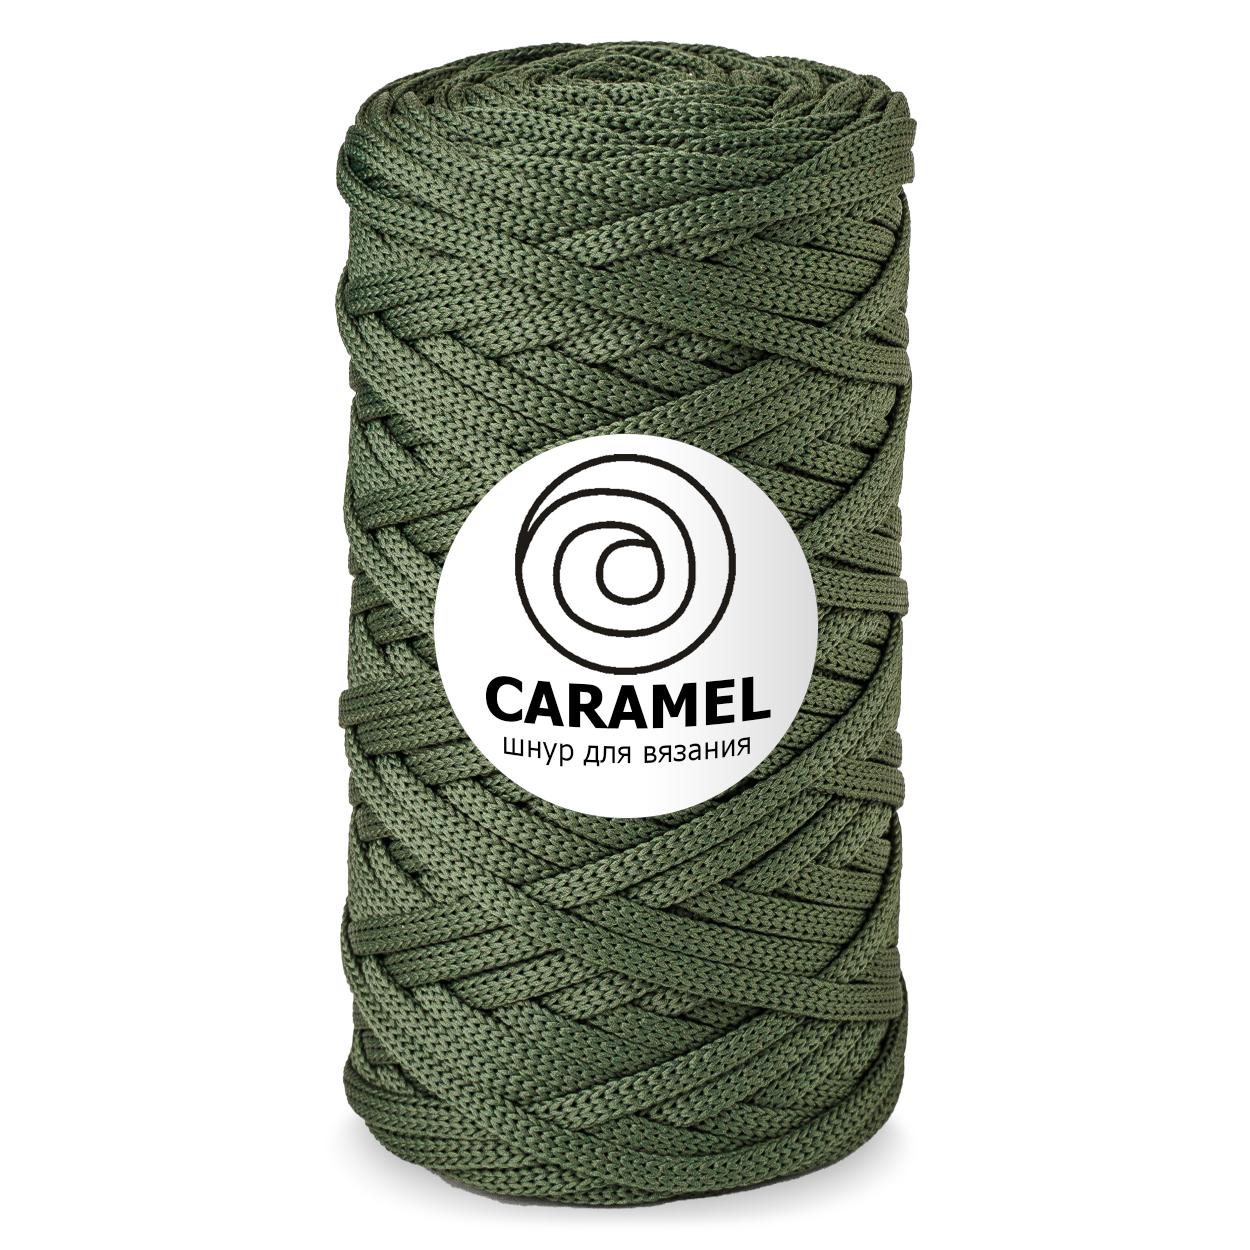 Caramel Оливковый